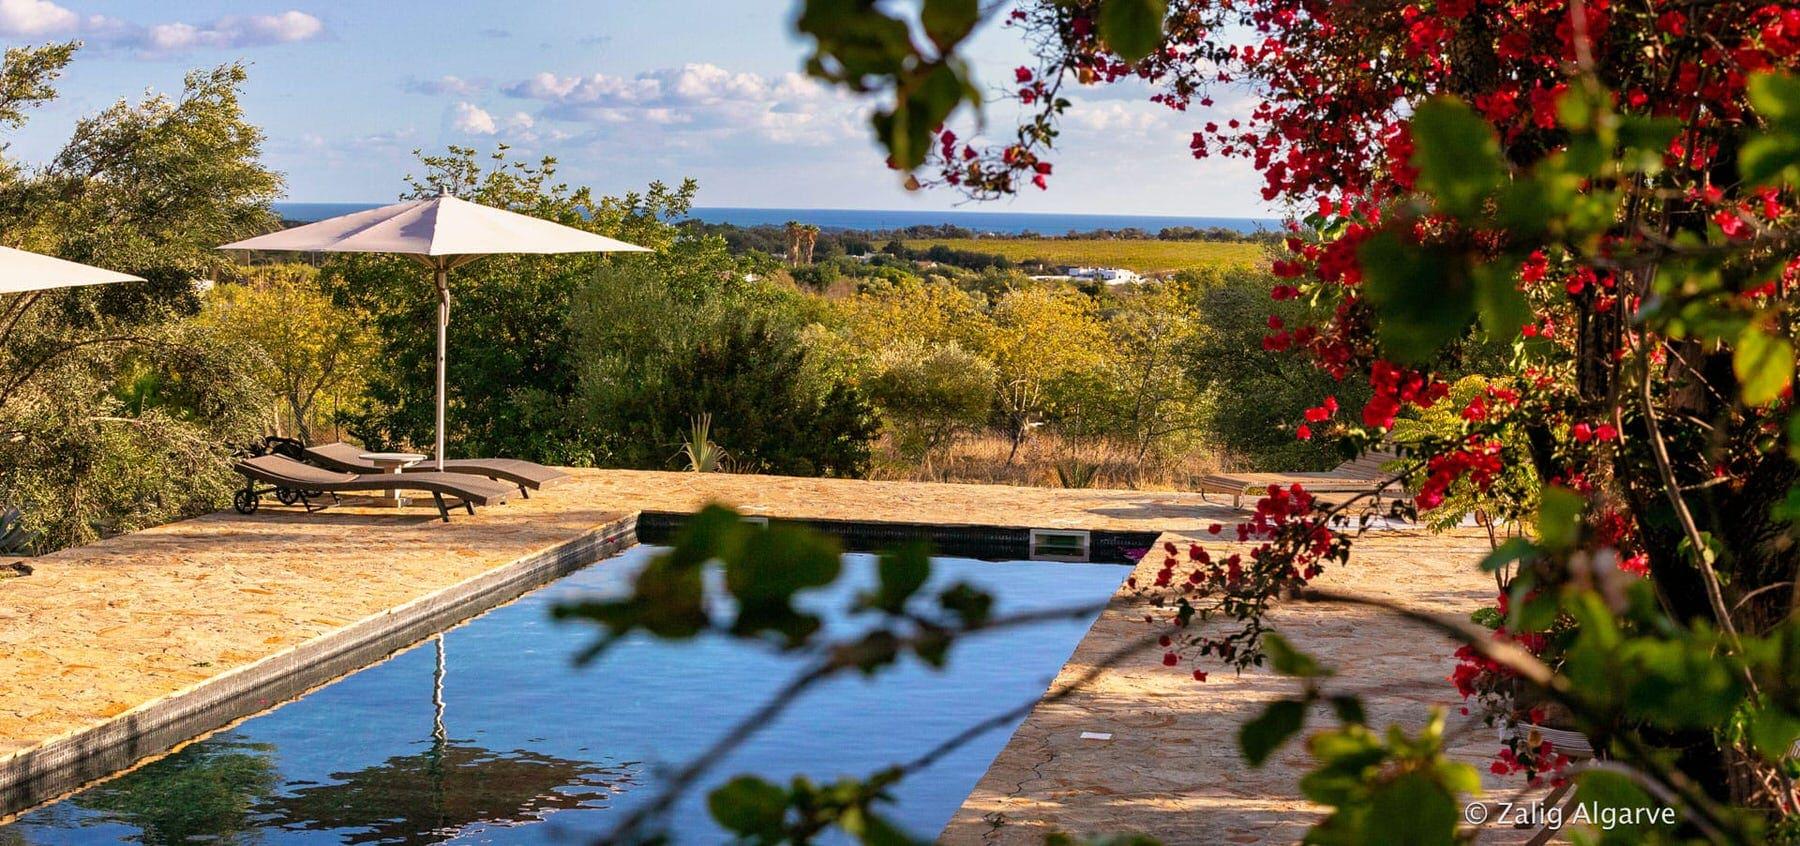 Mil-Arvores-Zalig-Algarve-34_1